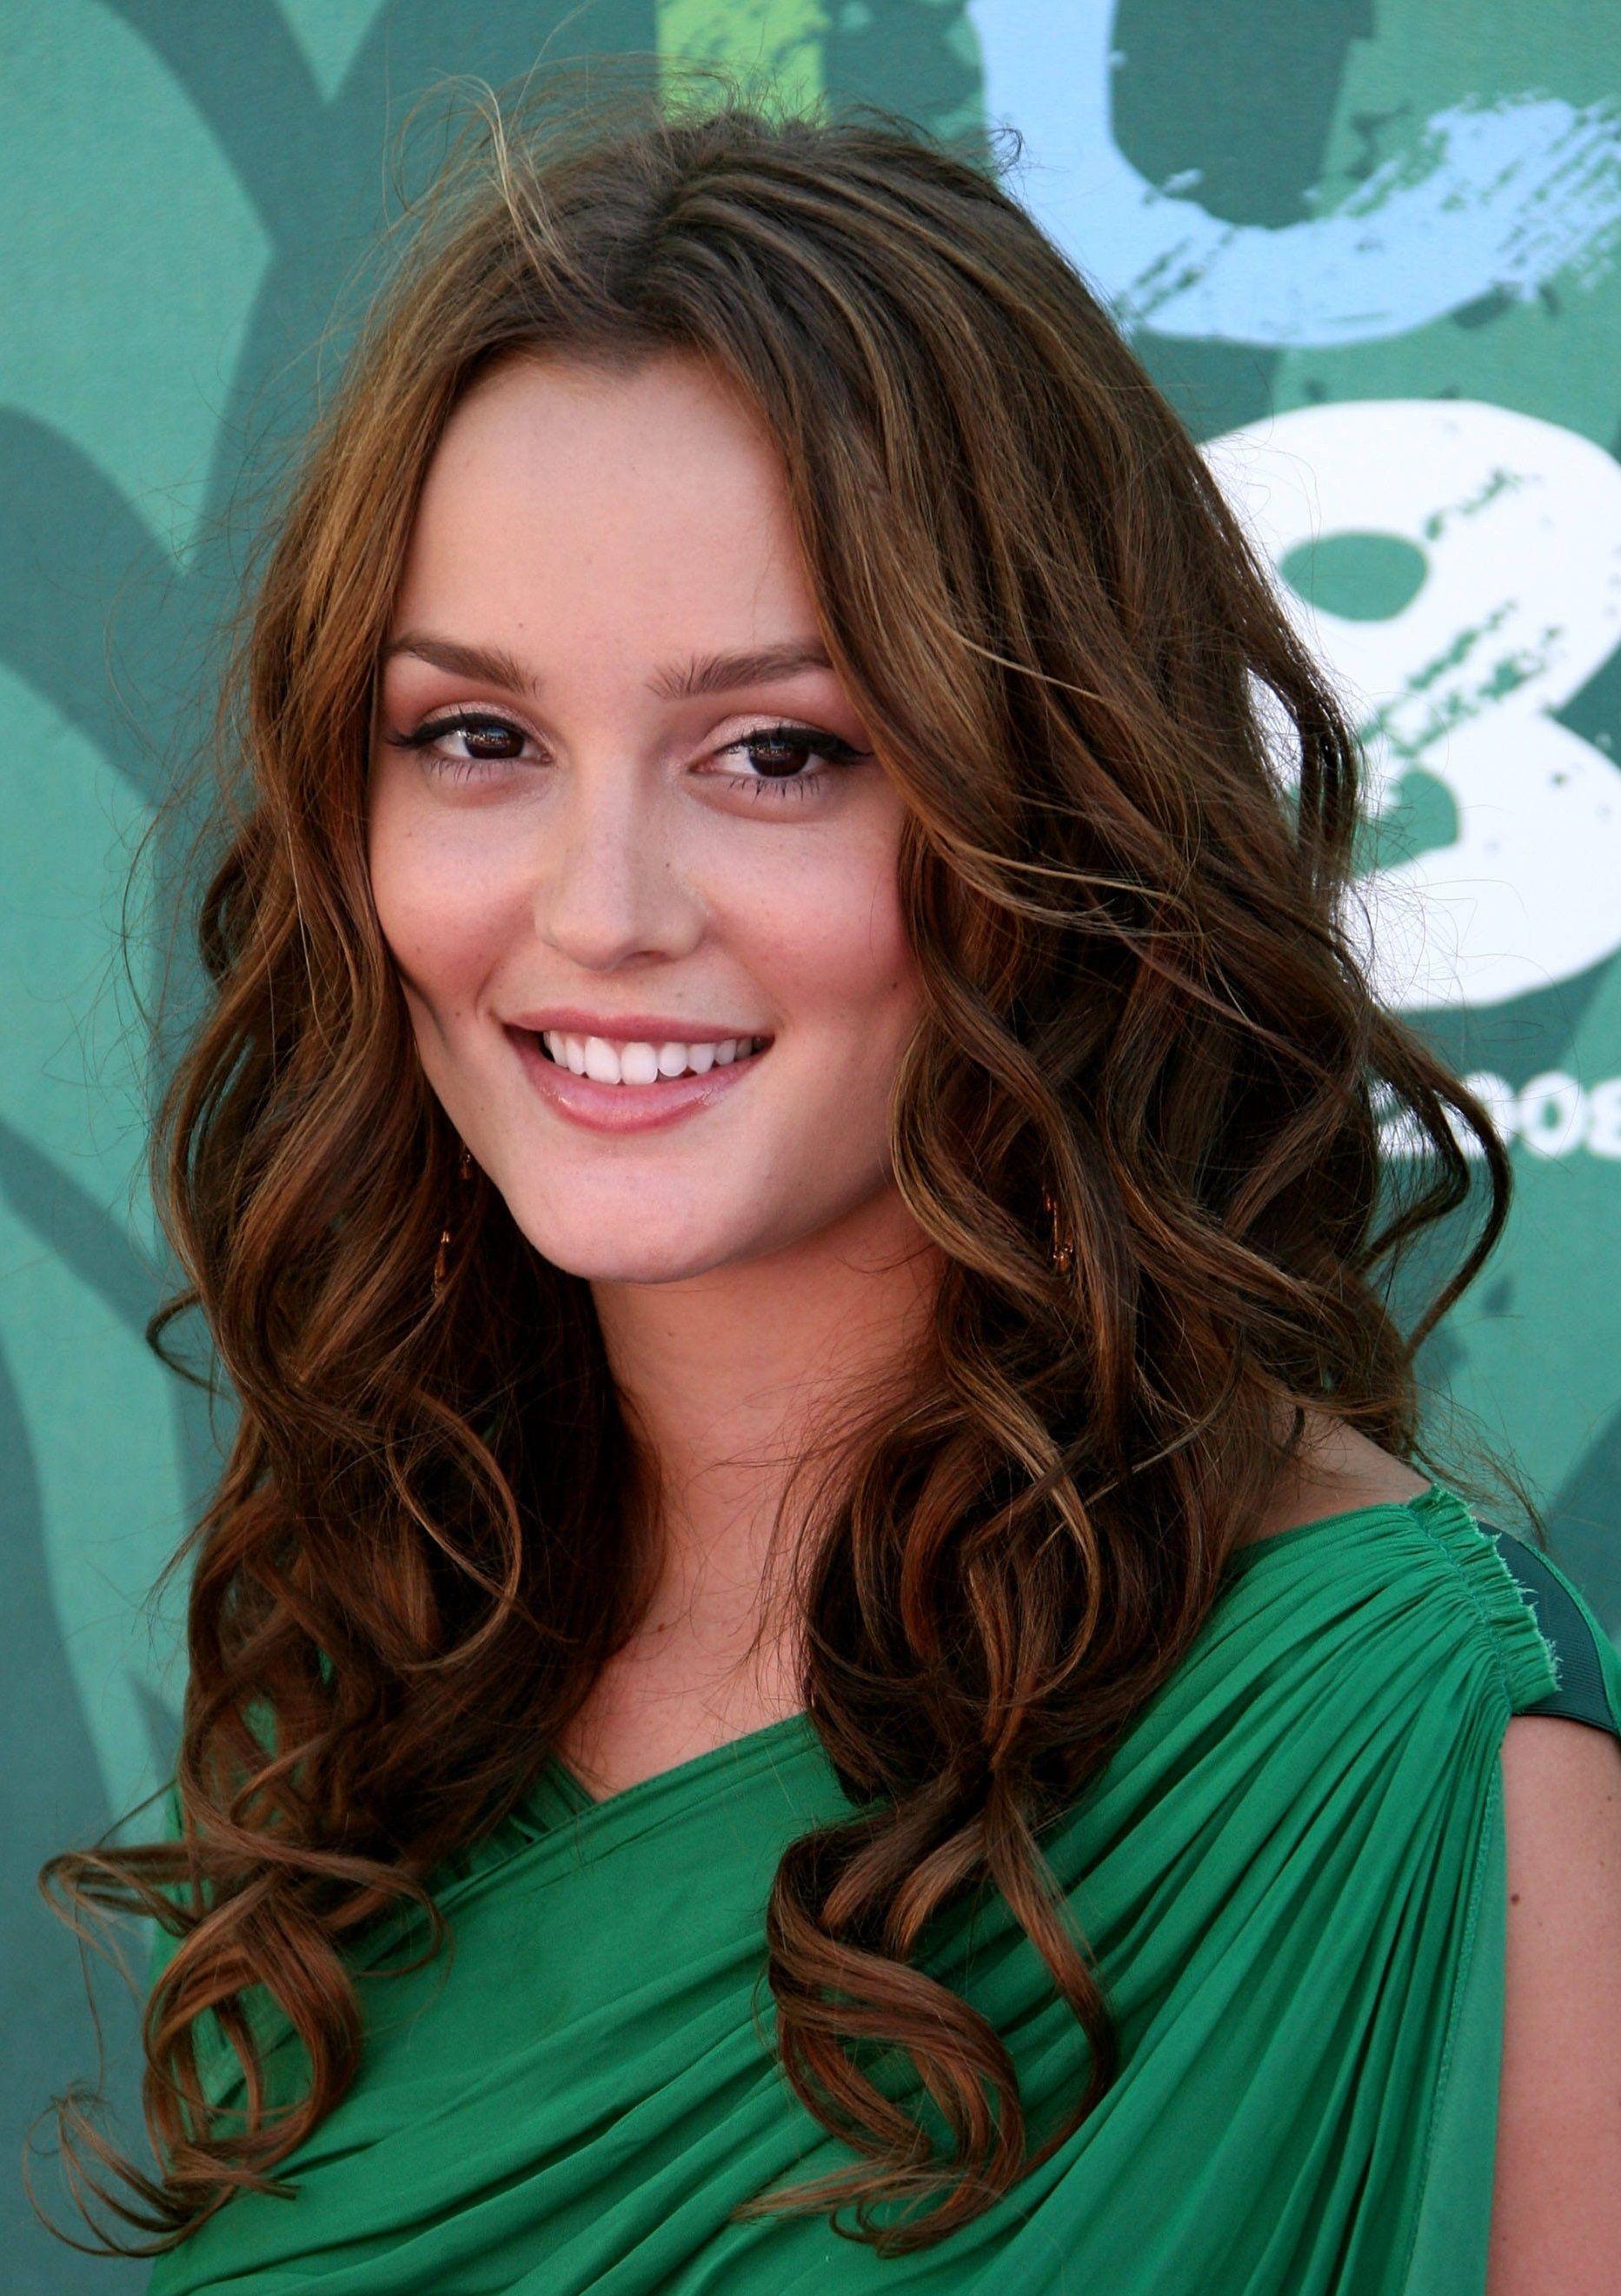 Sensational Cute Long Brunette Homecoming Hairstyle Homecoming Hairstyles Hairstyle Inspiration Daily Dogsangcom